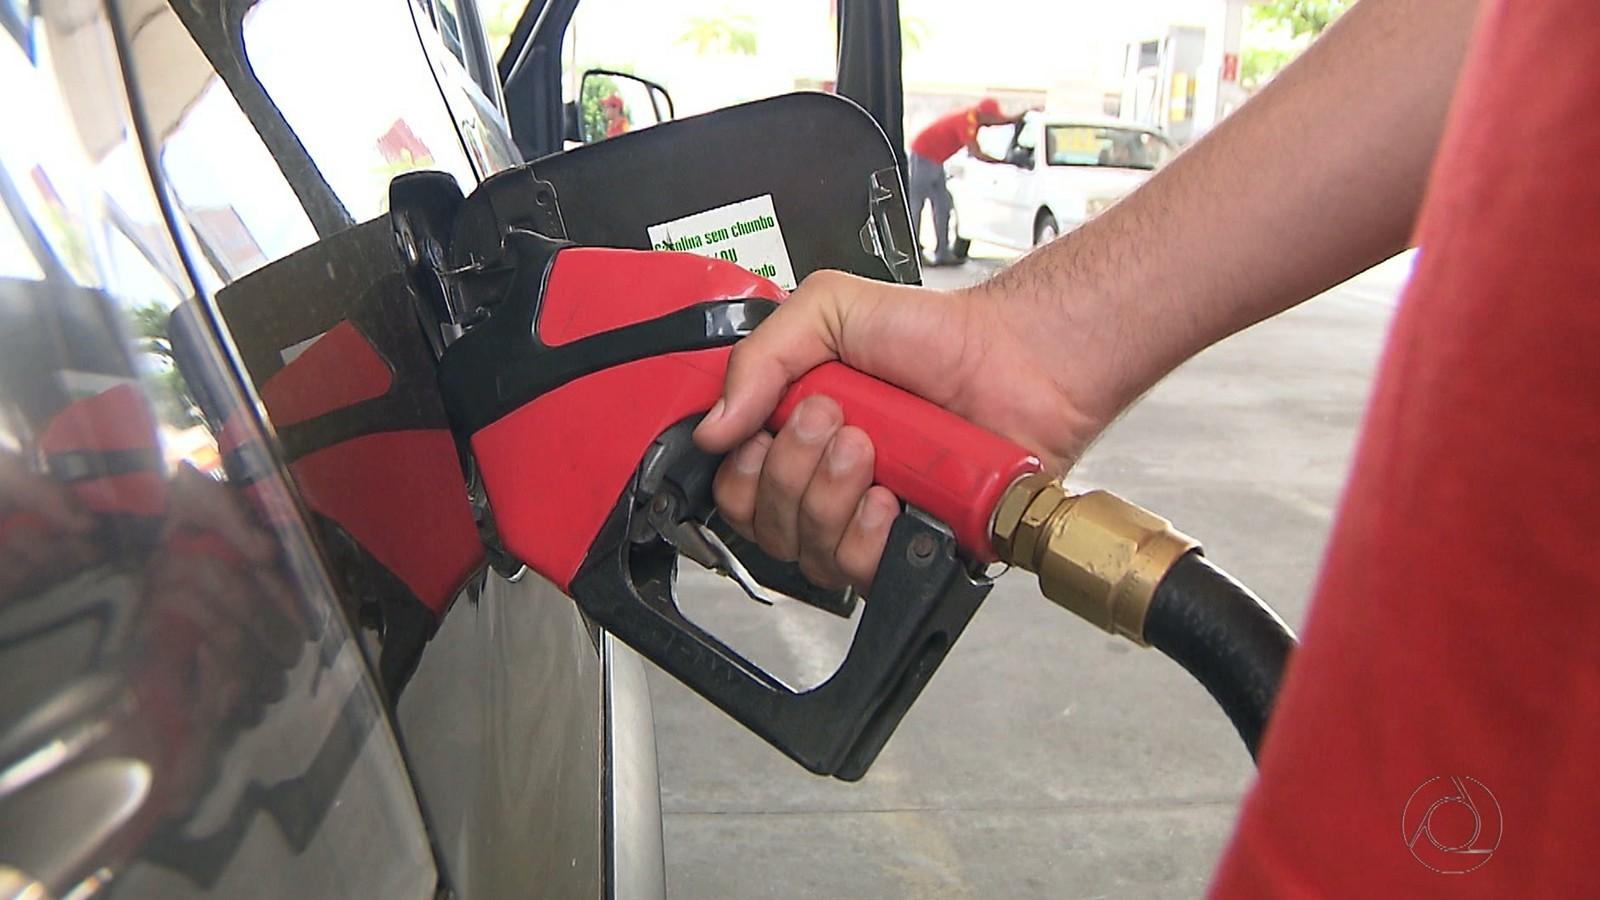 Menor preço da gasolina em João Pessoa tem redução de seis centavos, diz Procon - Notícias - Plantão Diário